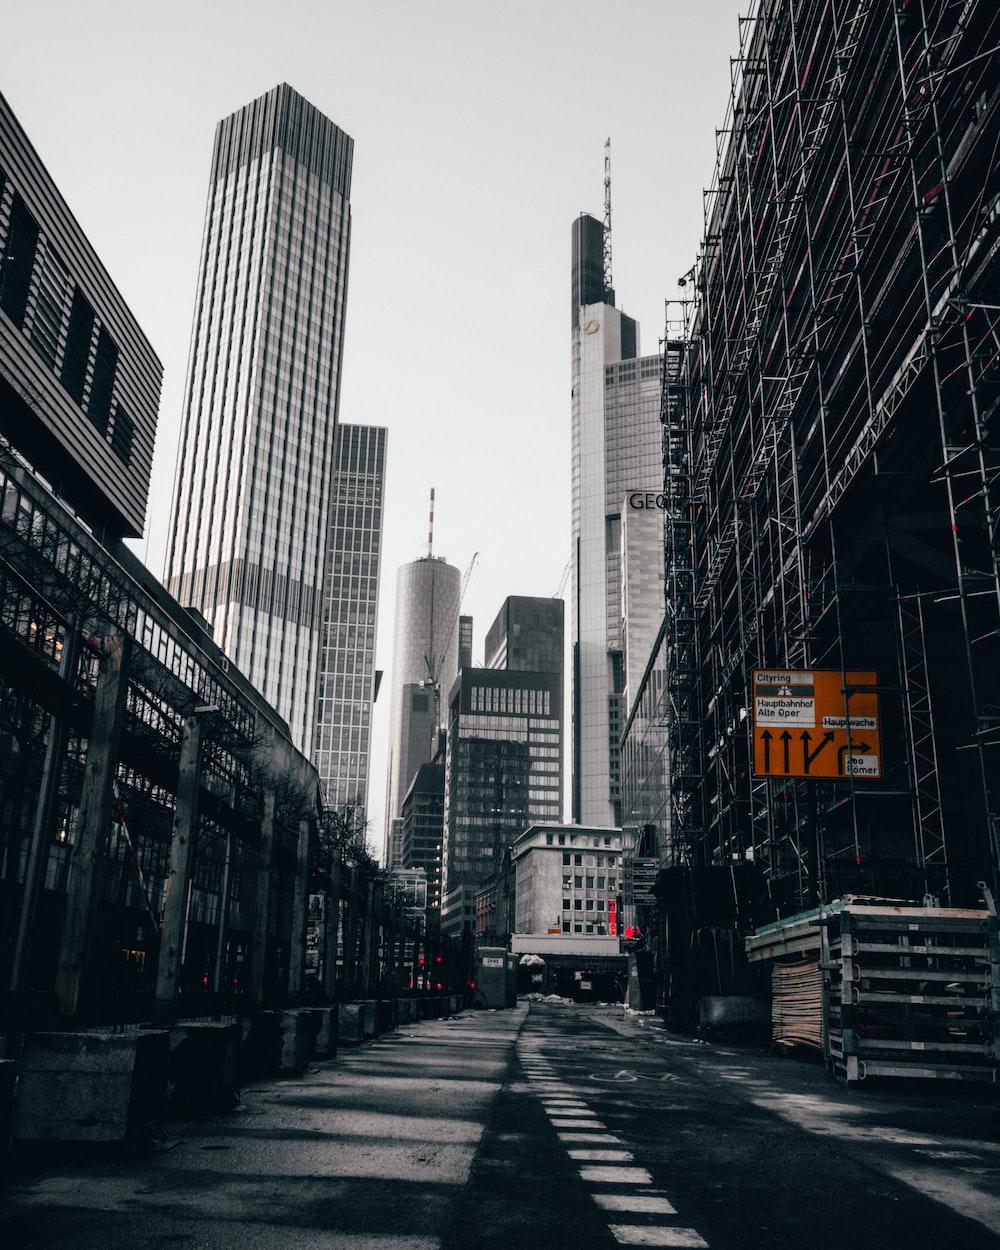 gray road between skyscrapers